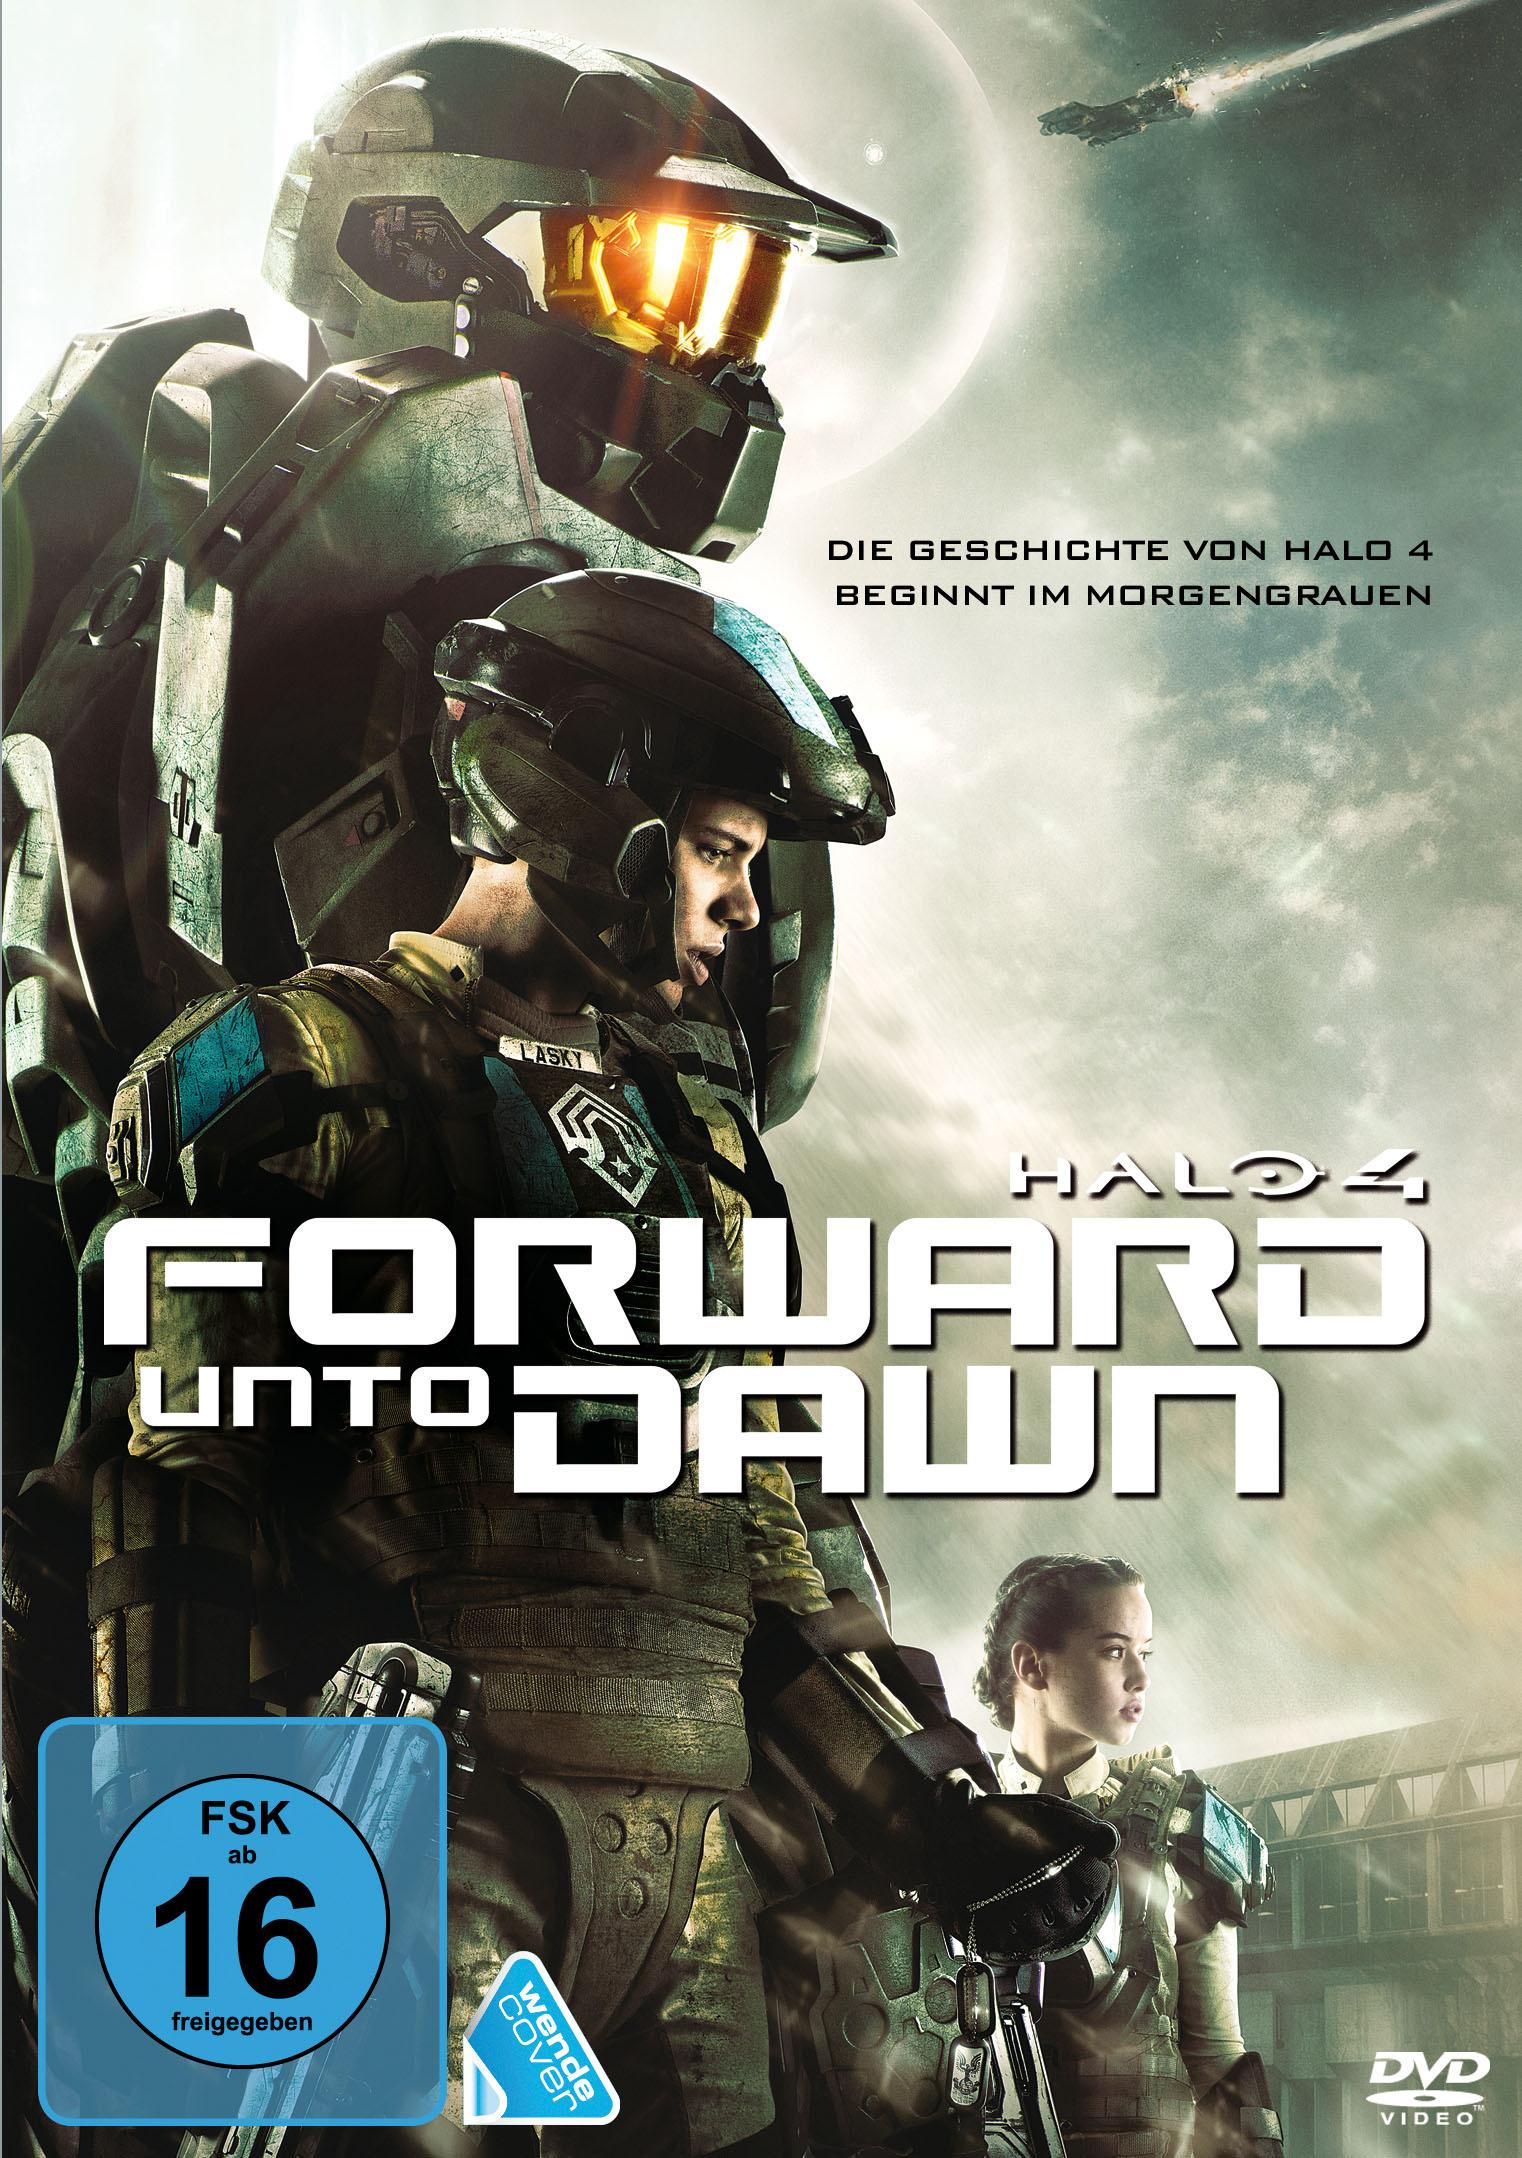 Image of Halo 4 - Forward Unto Dawn